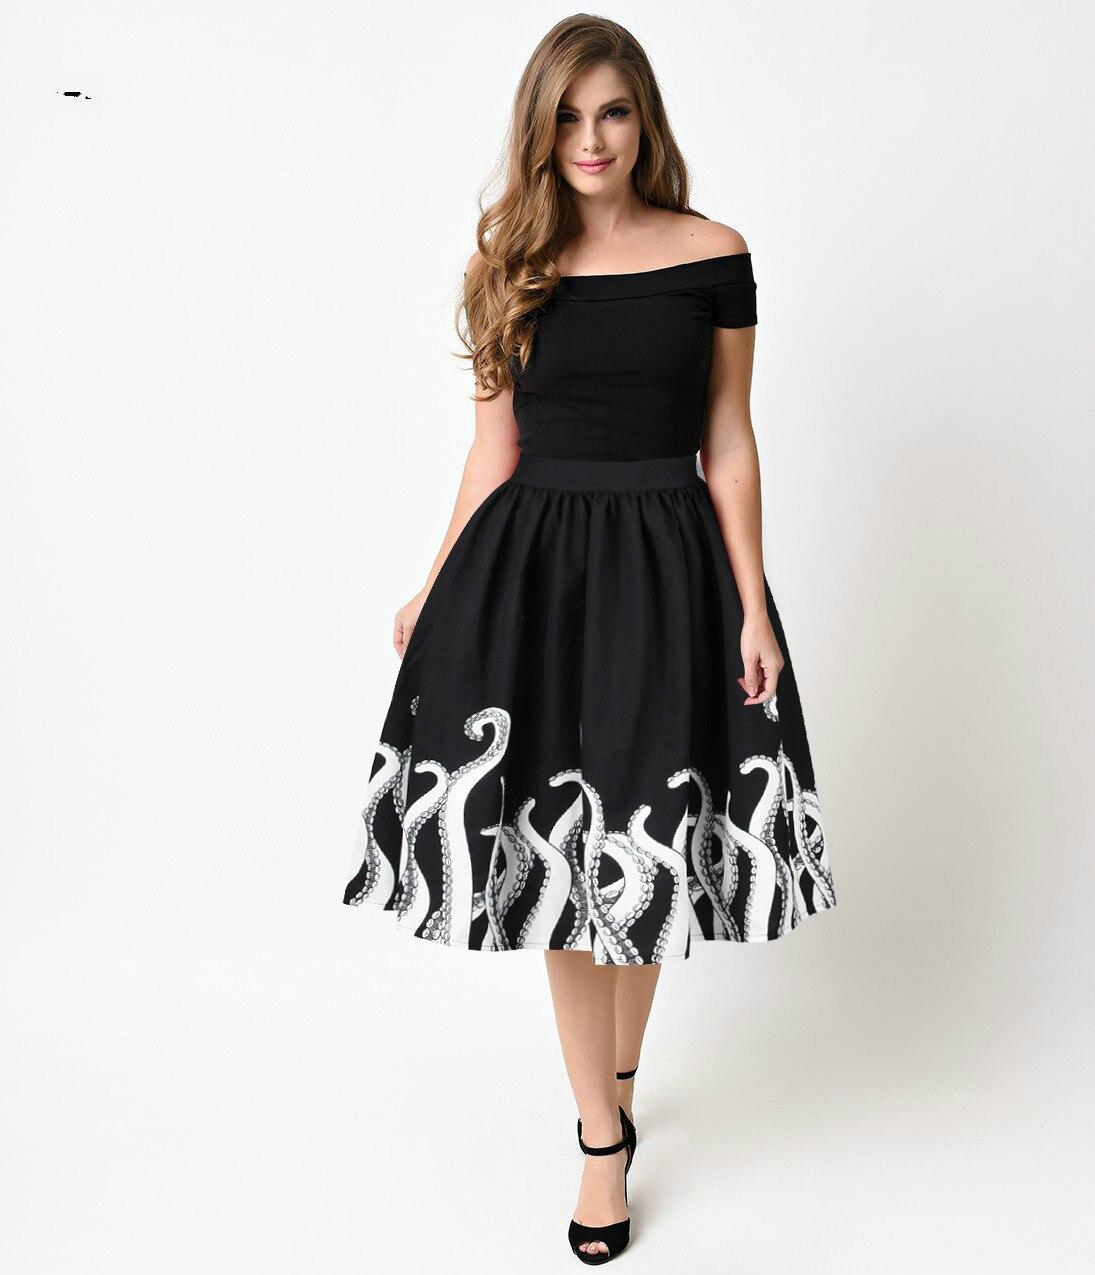 bee7854ed9 Negro Medio venta Verano Moda De Impresión Las 2019 midi damas Faldas  longitud Rápido Mujeres Ceciliayu dfq6XXn